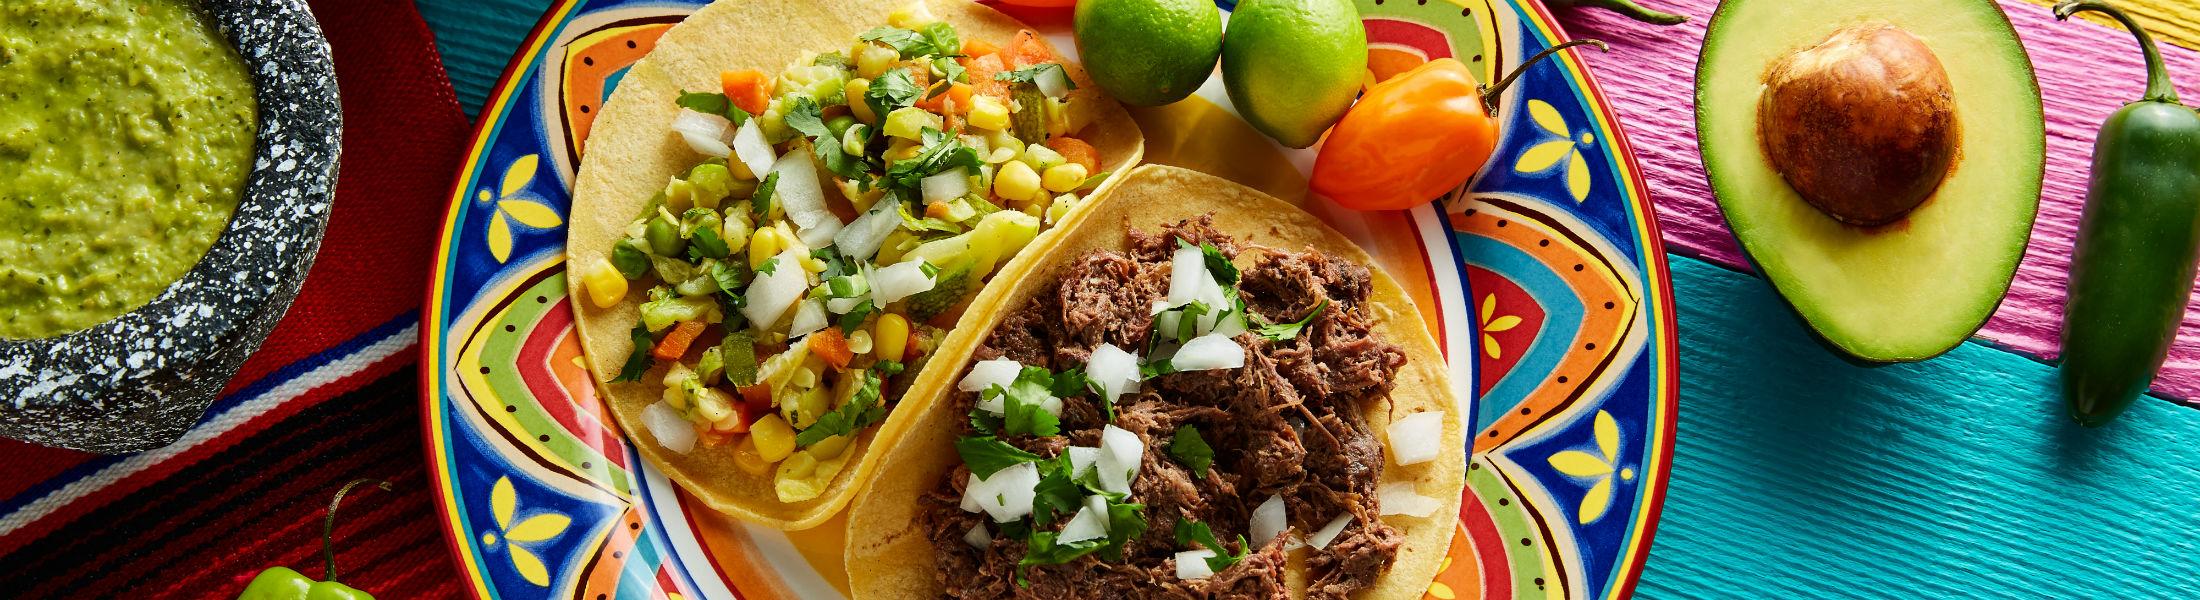 Mexican platillo tacos of barbacoa